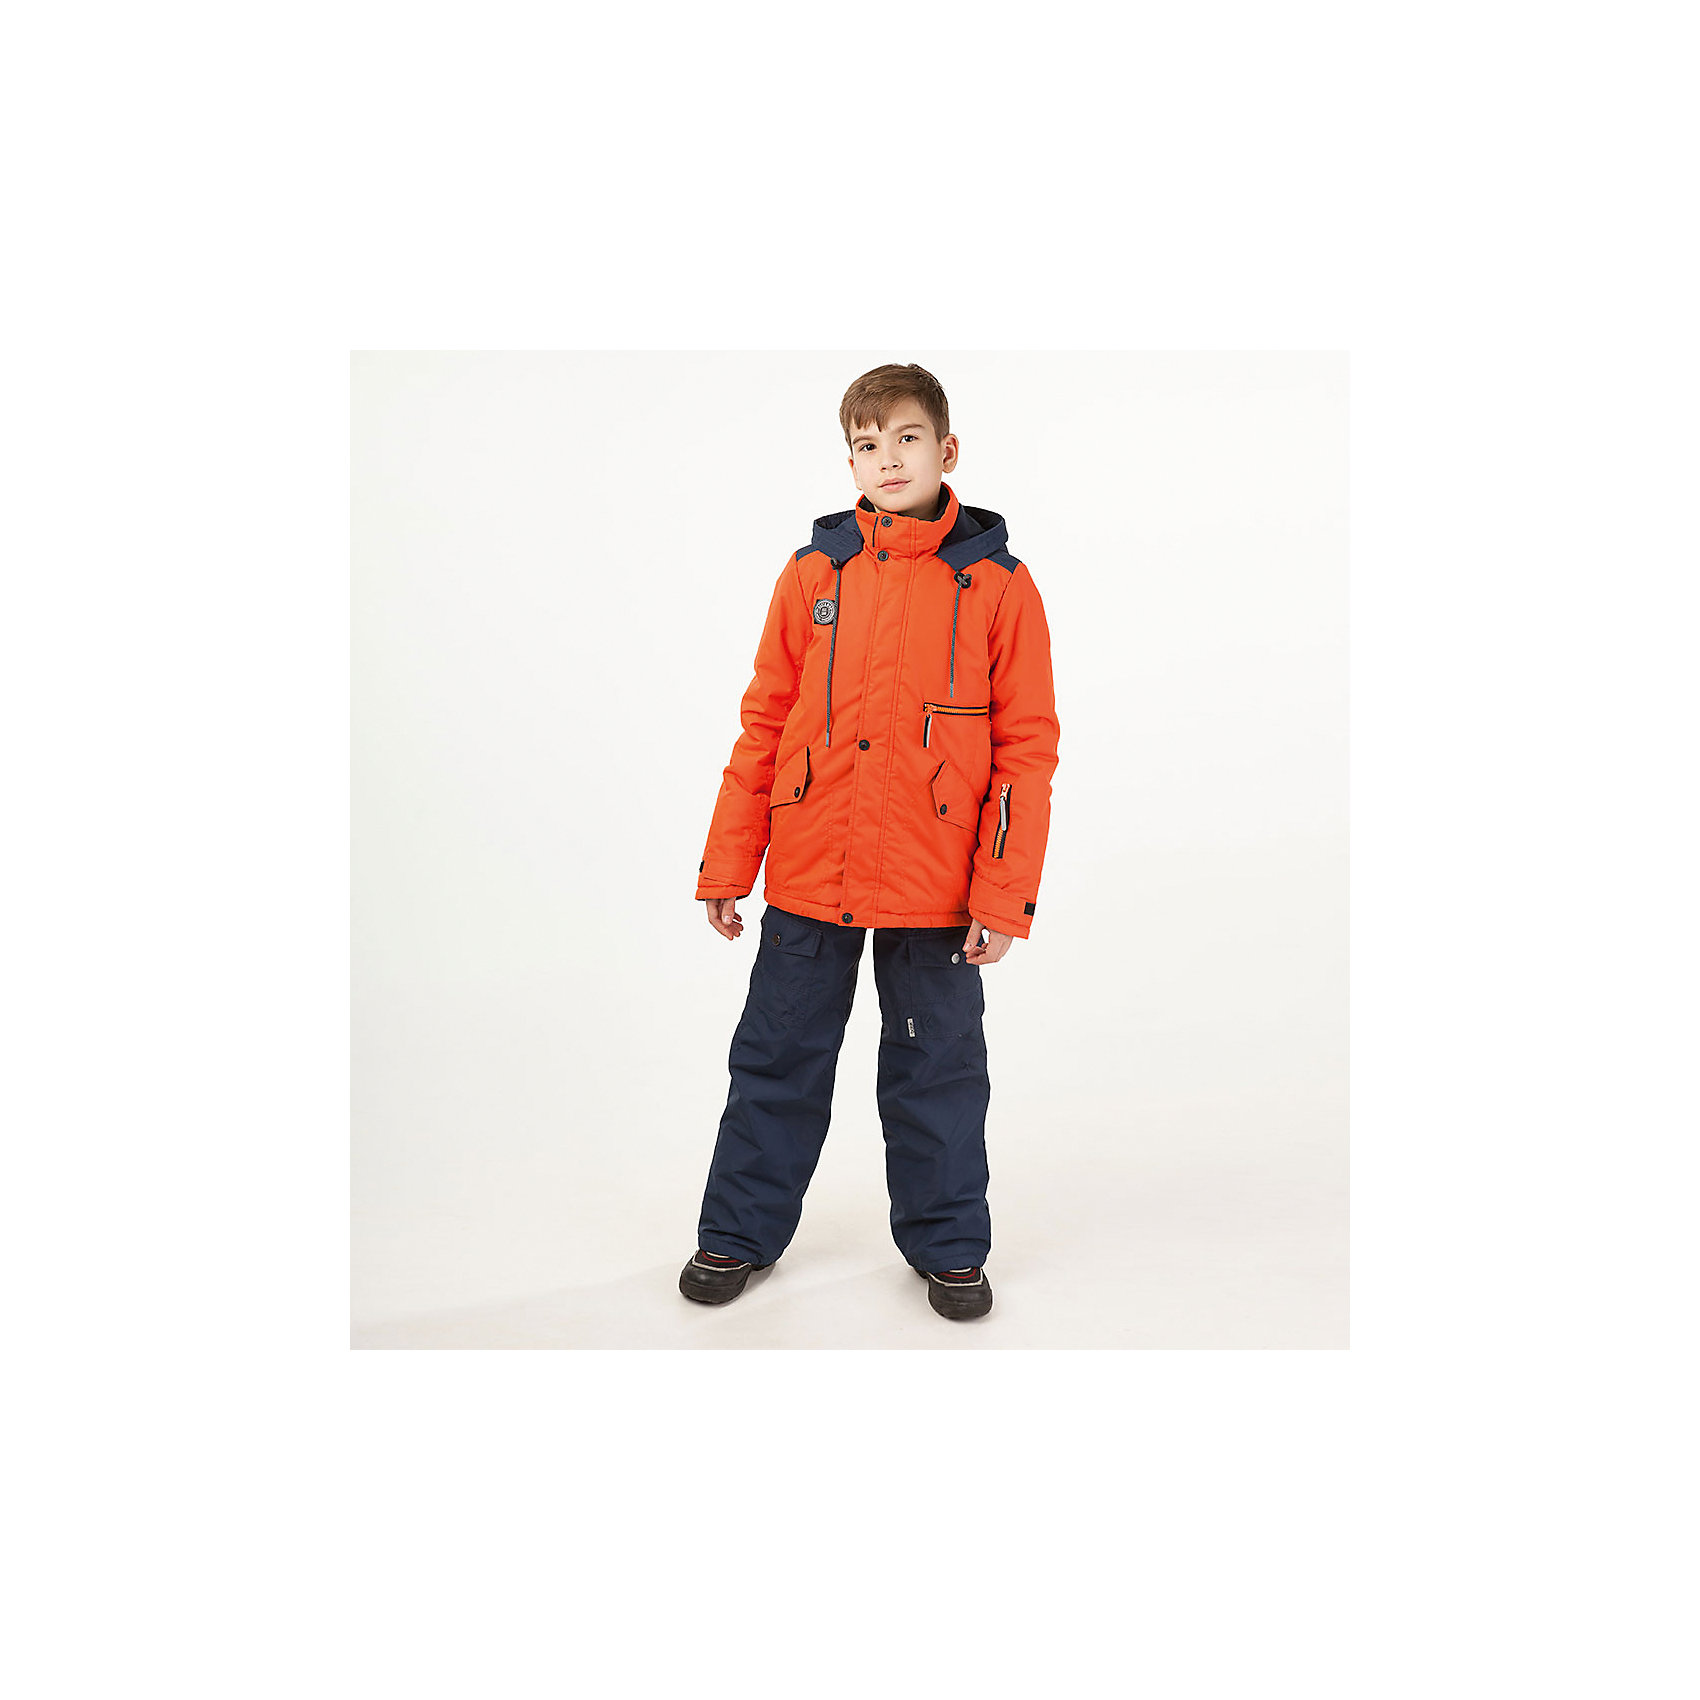 Комплект: куртка и полукомбенизон Марс Batik для мальчикаВерхняя одежда<br>Комплект: куртка и полукомбенизон Марс Batik для мальчика<br>Верхняя ткань обладает водоотталкивающими и ветрозащитными свойствами мембраны. Полукомбинезон с отстегивающимися лямками. Куртка на молнии с ветрозащитной планкой и юбкой внутри, светоотражающими элементами и капюшон на молнии.<br>Состав:<br>Ткань верха - TASLON OXFORD;  Утеплитель - Слайтекс 250;  Подкладка - Полар флис;<br><br>Ширина мм: 356<br>Глубина мм: 10<br>Высота мм: 245<br>Вес г: 519<br>Цвет: оранжевый<br>Возраст от месяцев: 120<br>Возраст до месяцев: 132<br>Пол: Мужской<br>Возраст: Детский<br>Размер: 146,152,158<br>SKU: 7028377